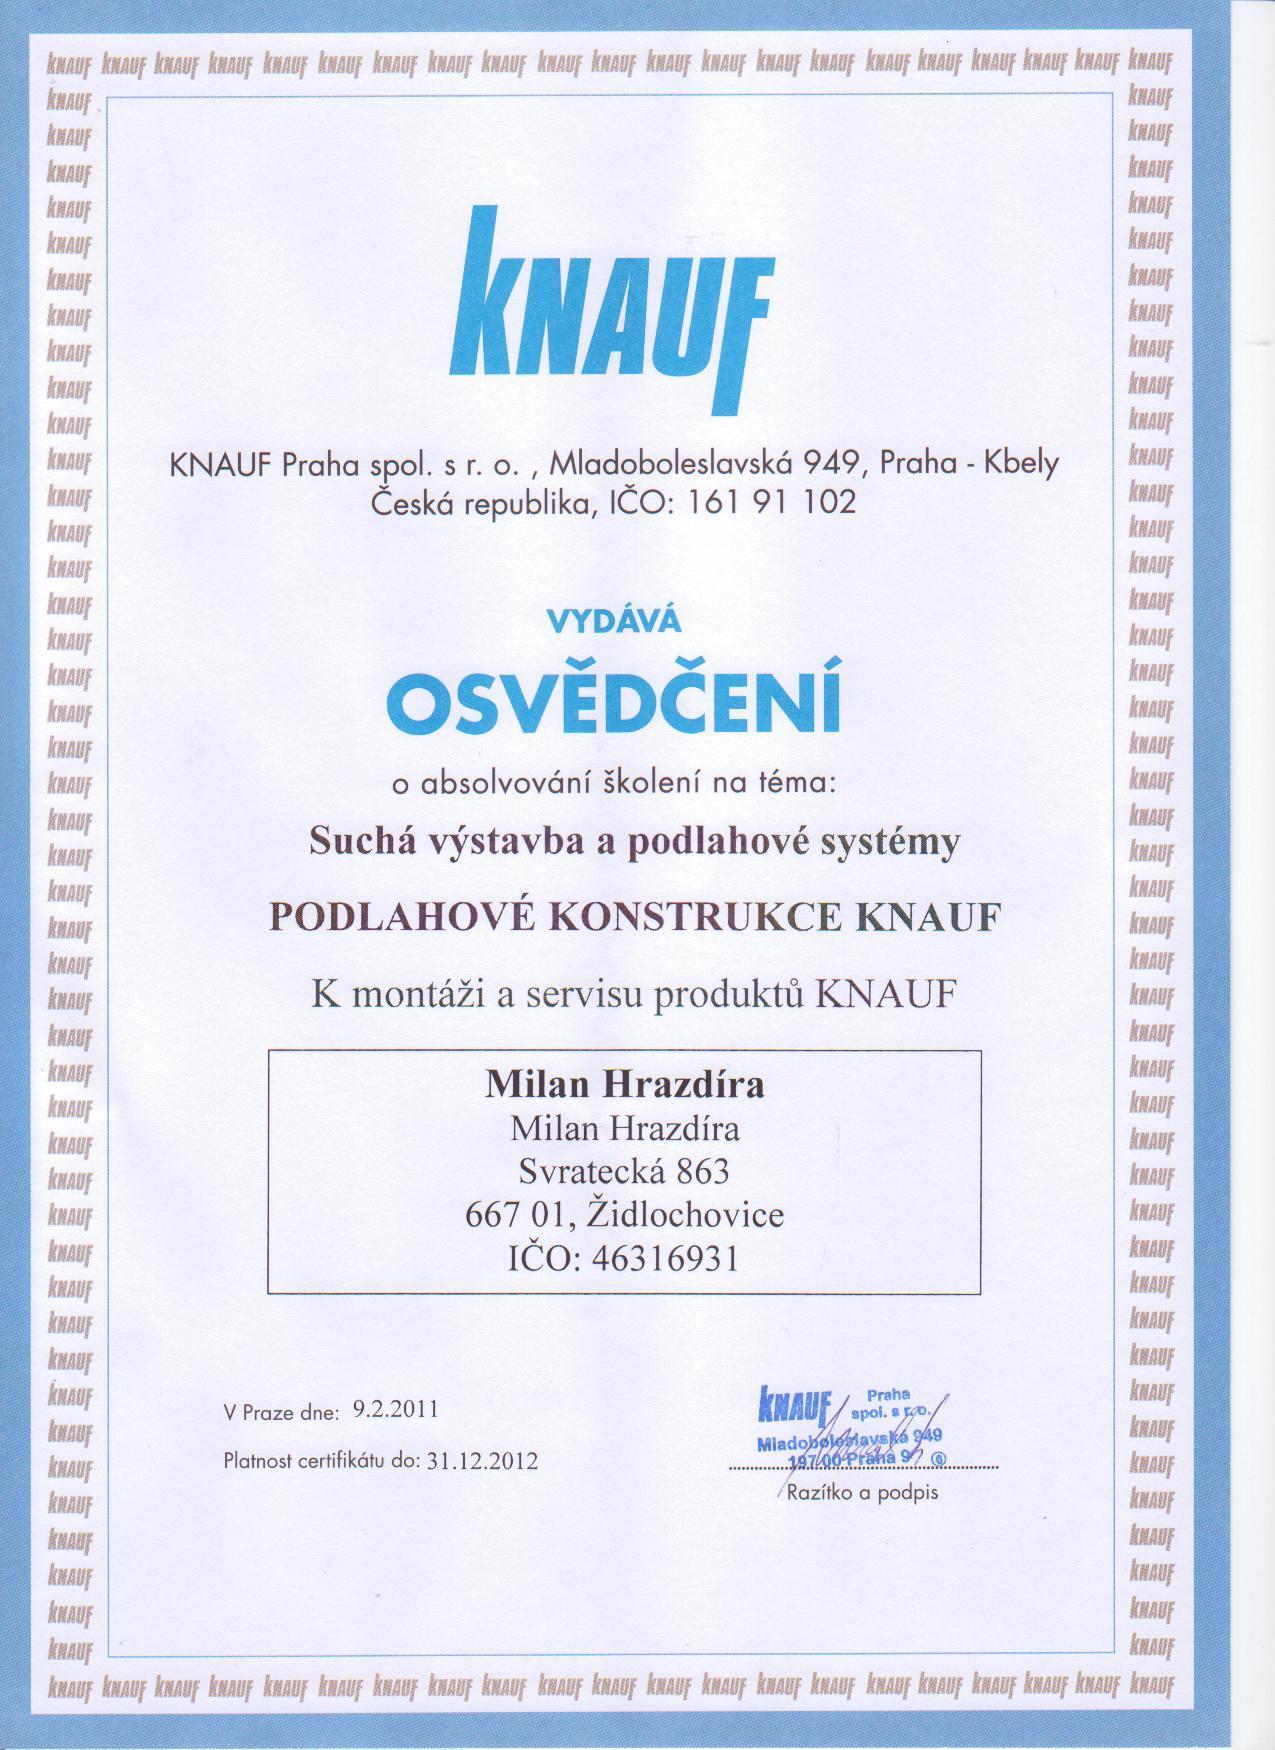 Osvědčení KNAUF podlahové konstrukce